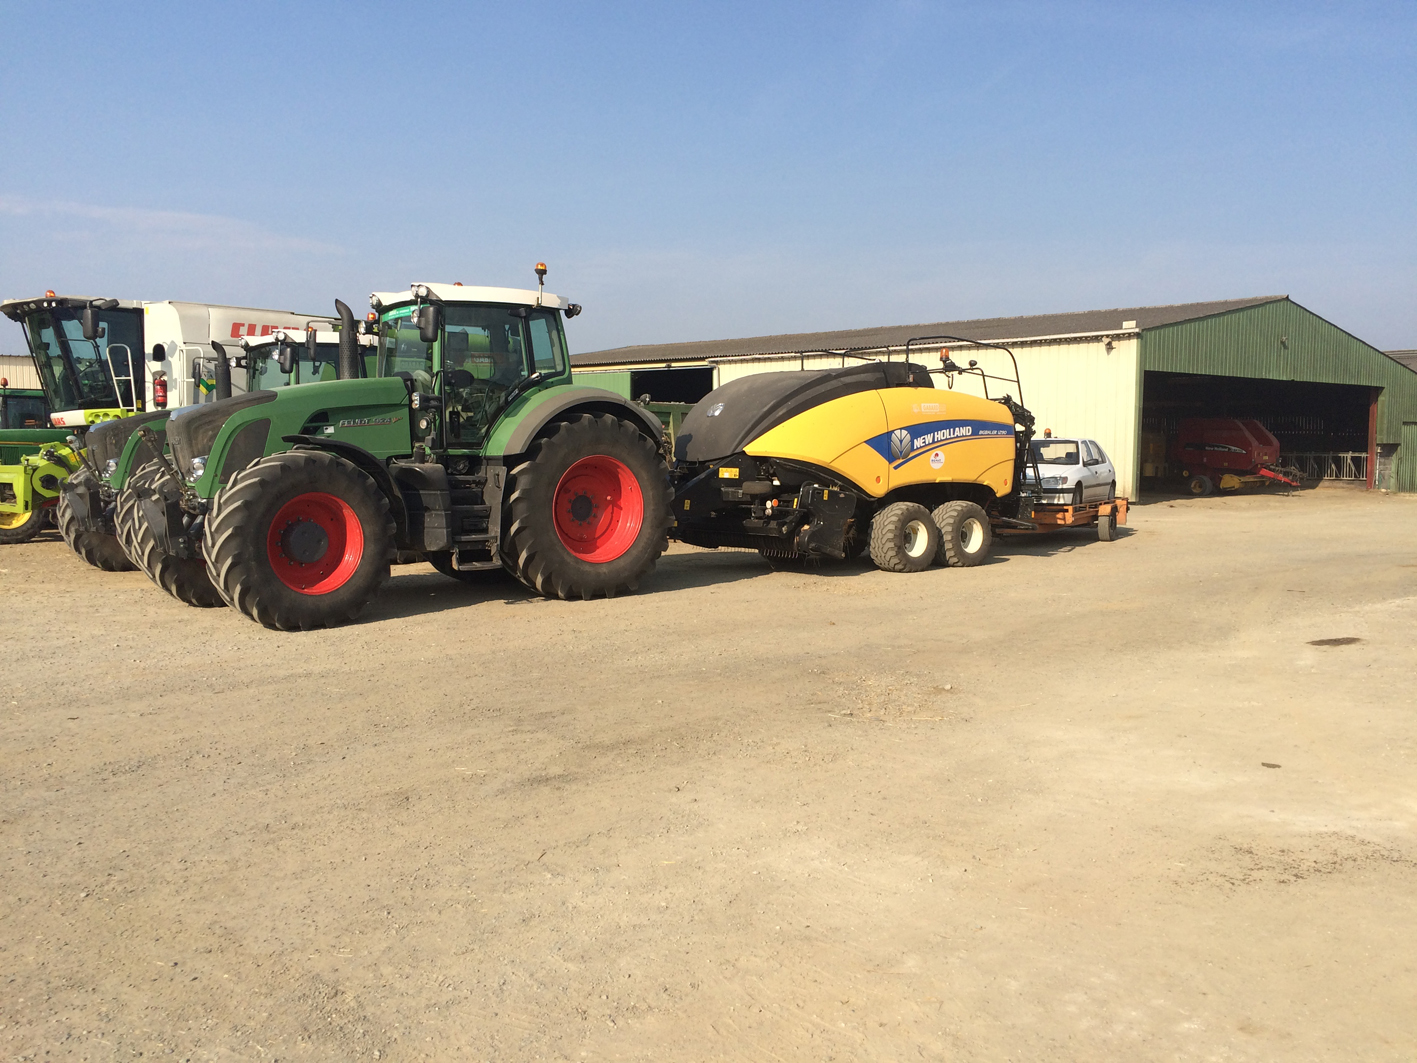 Super Presse cubique NEW HOLLAND - Gabard 79 travaux agricoles - Cholet #SL_35